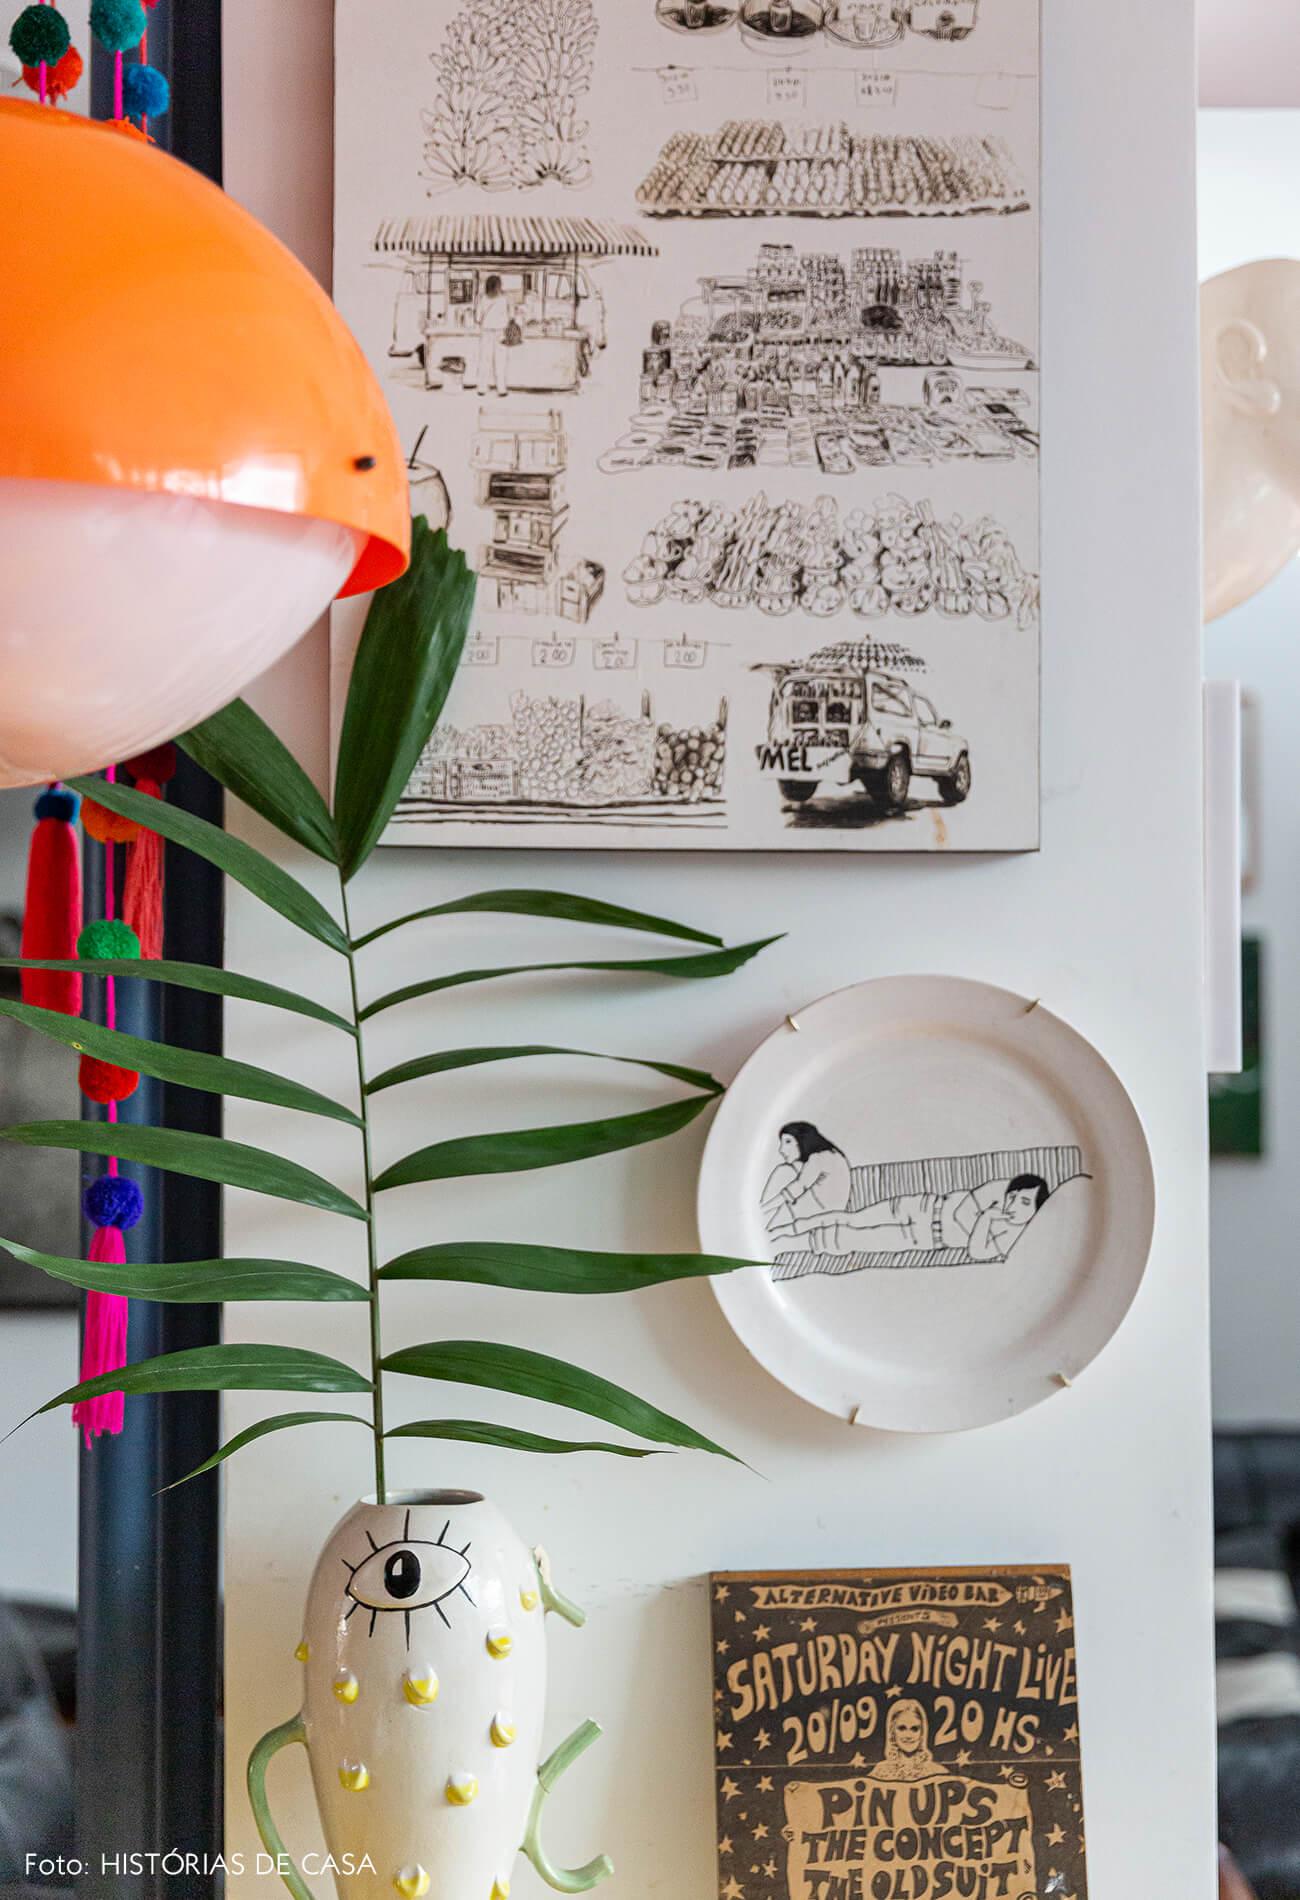 Apartamento reformado, cozinha com quadros e detalhes